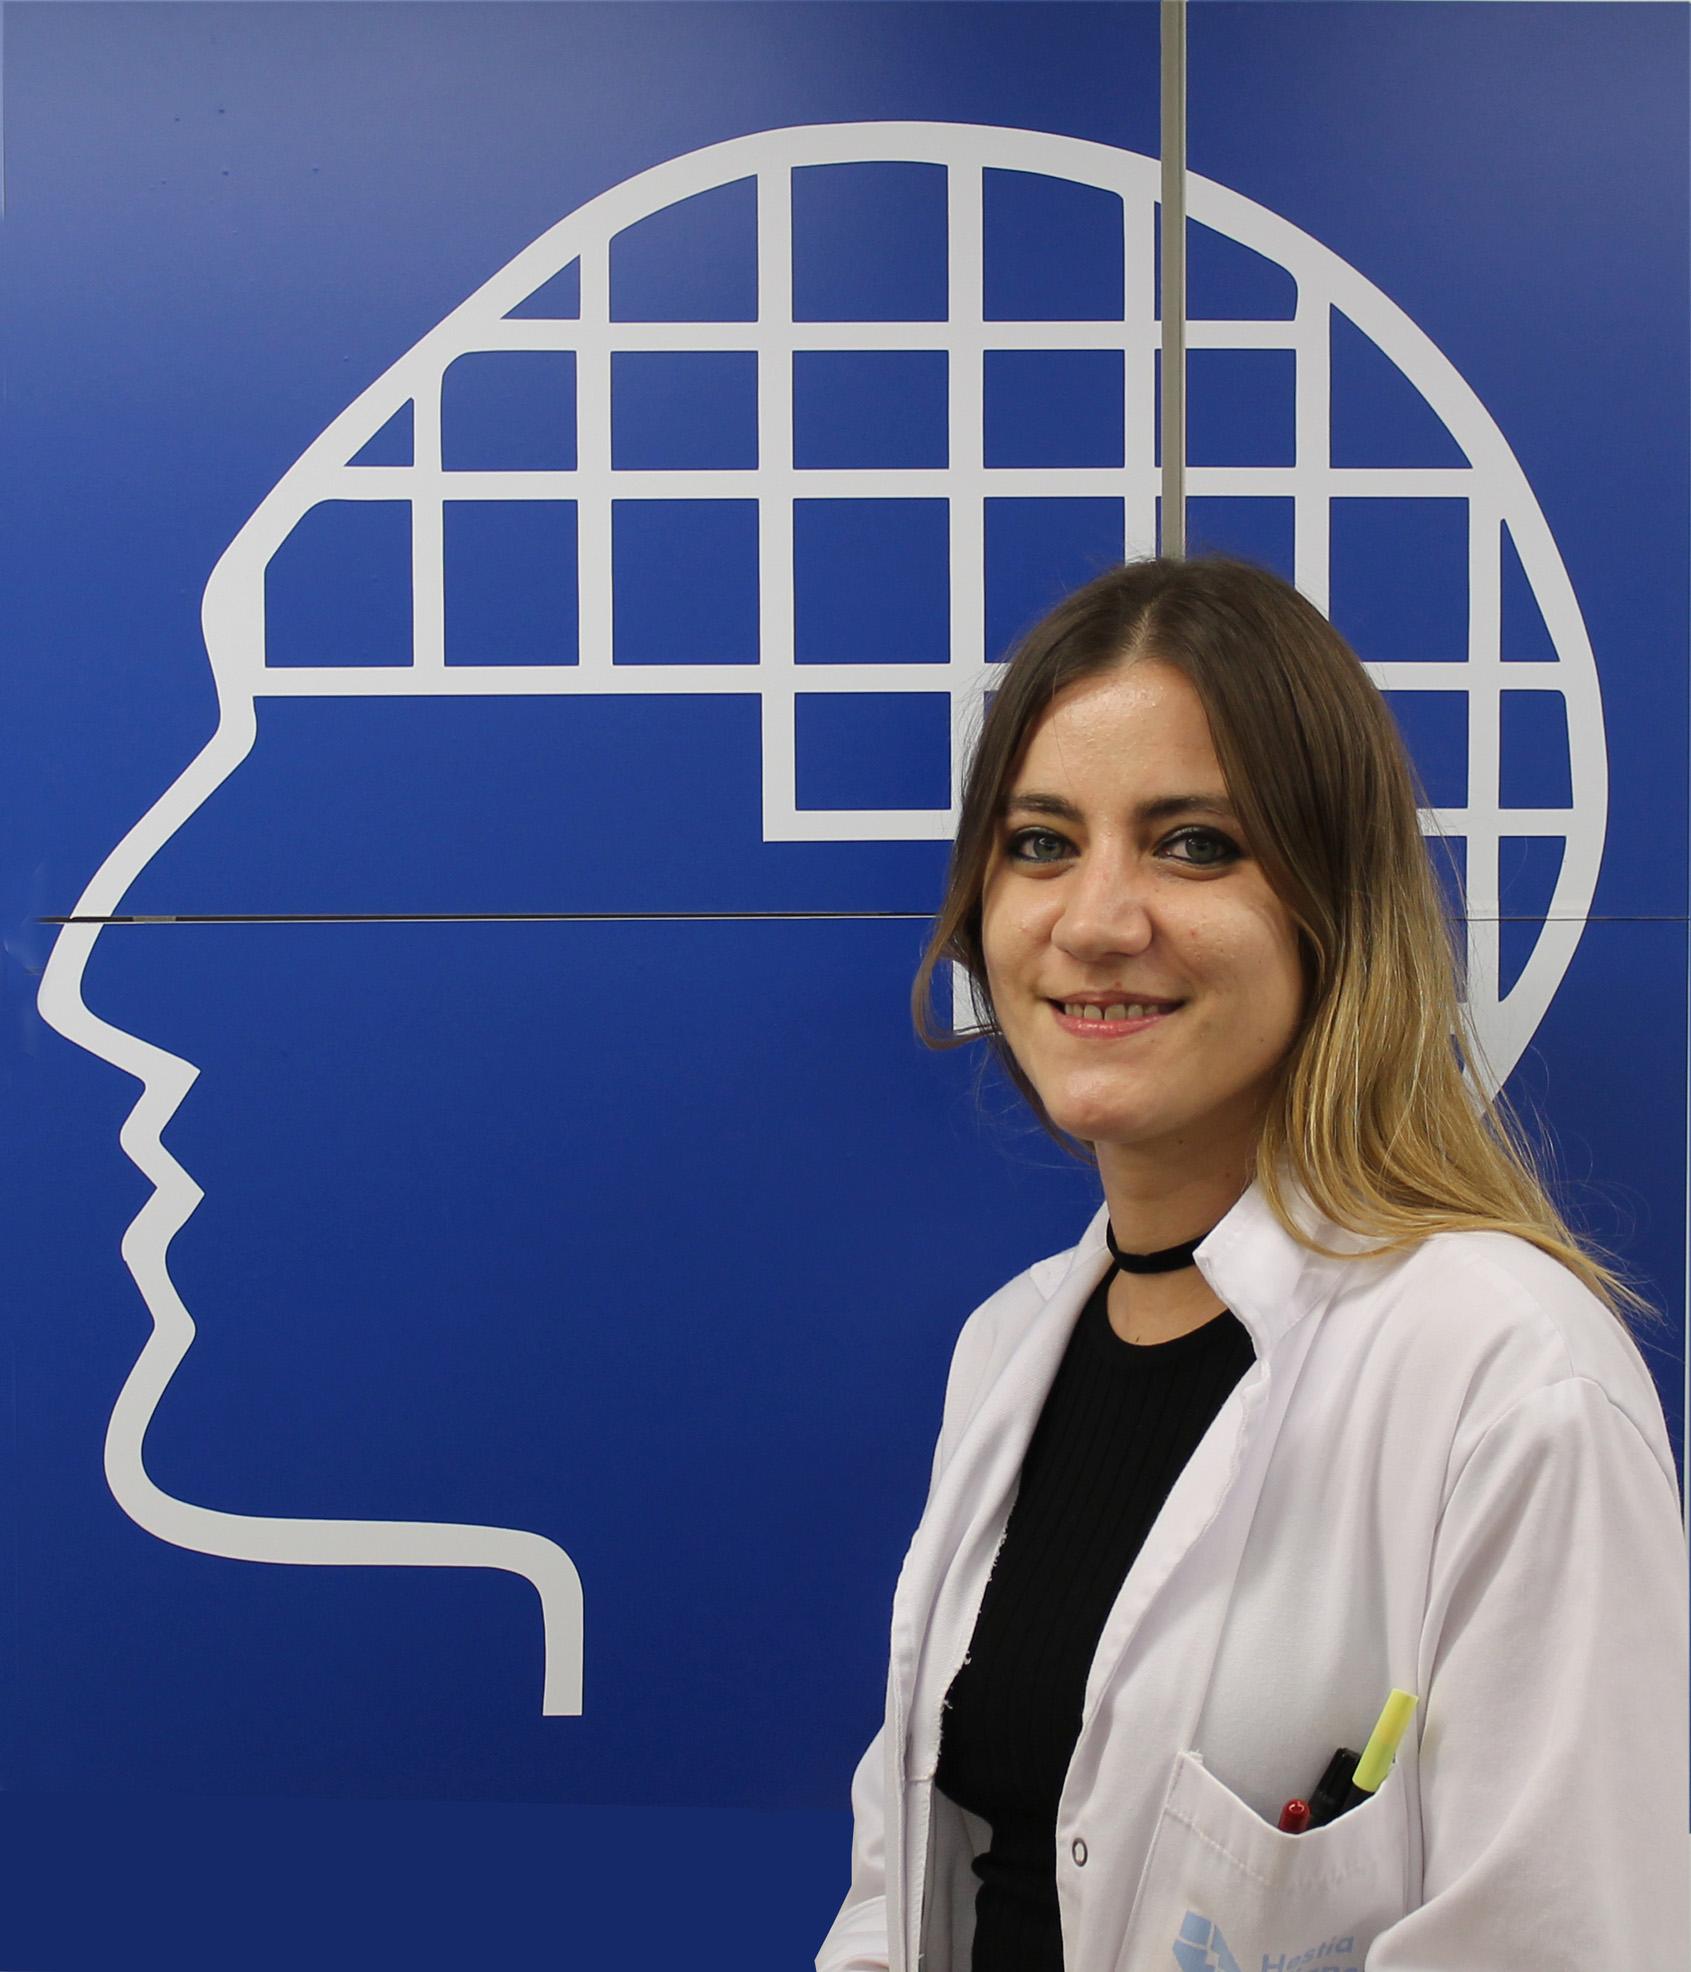 Anna Cortillas